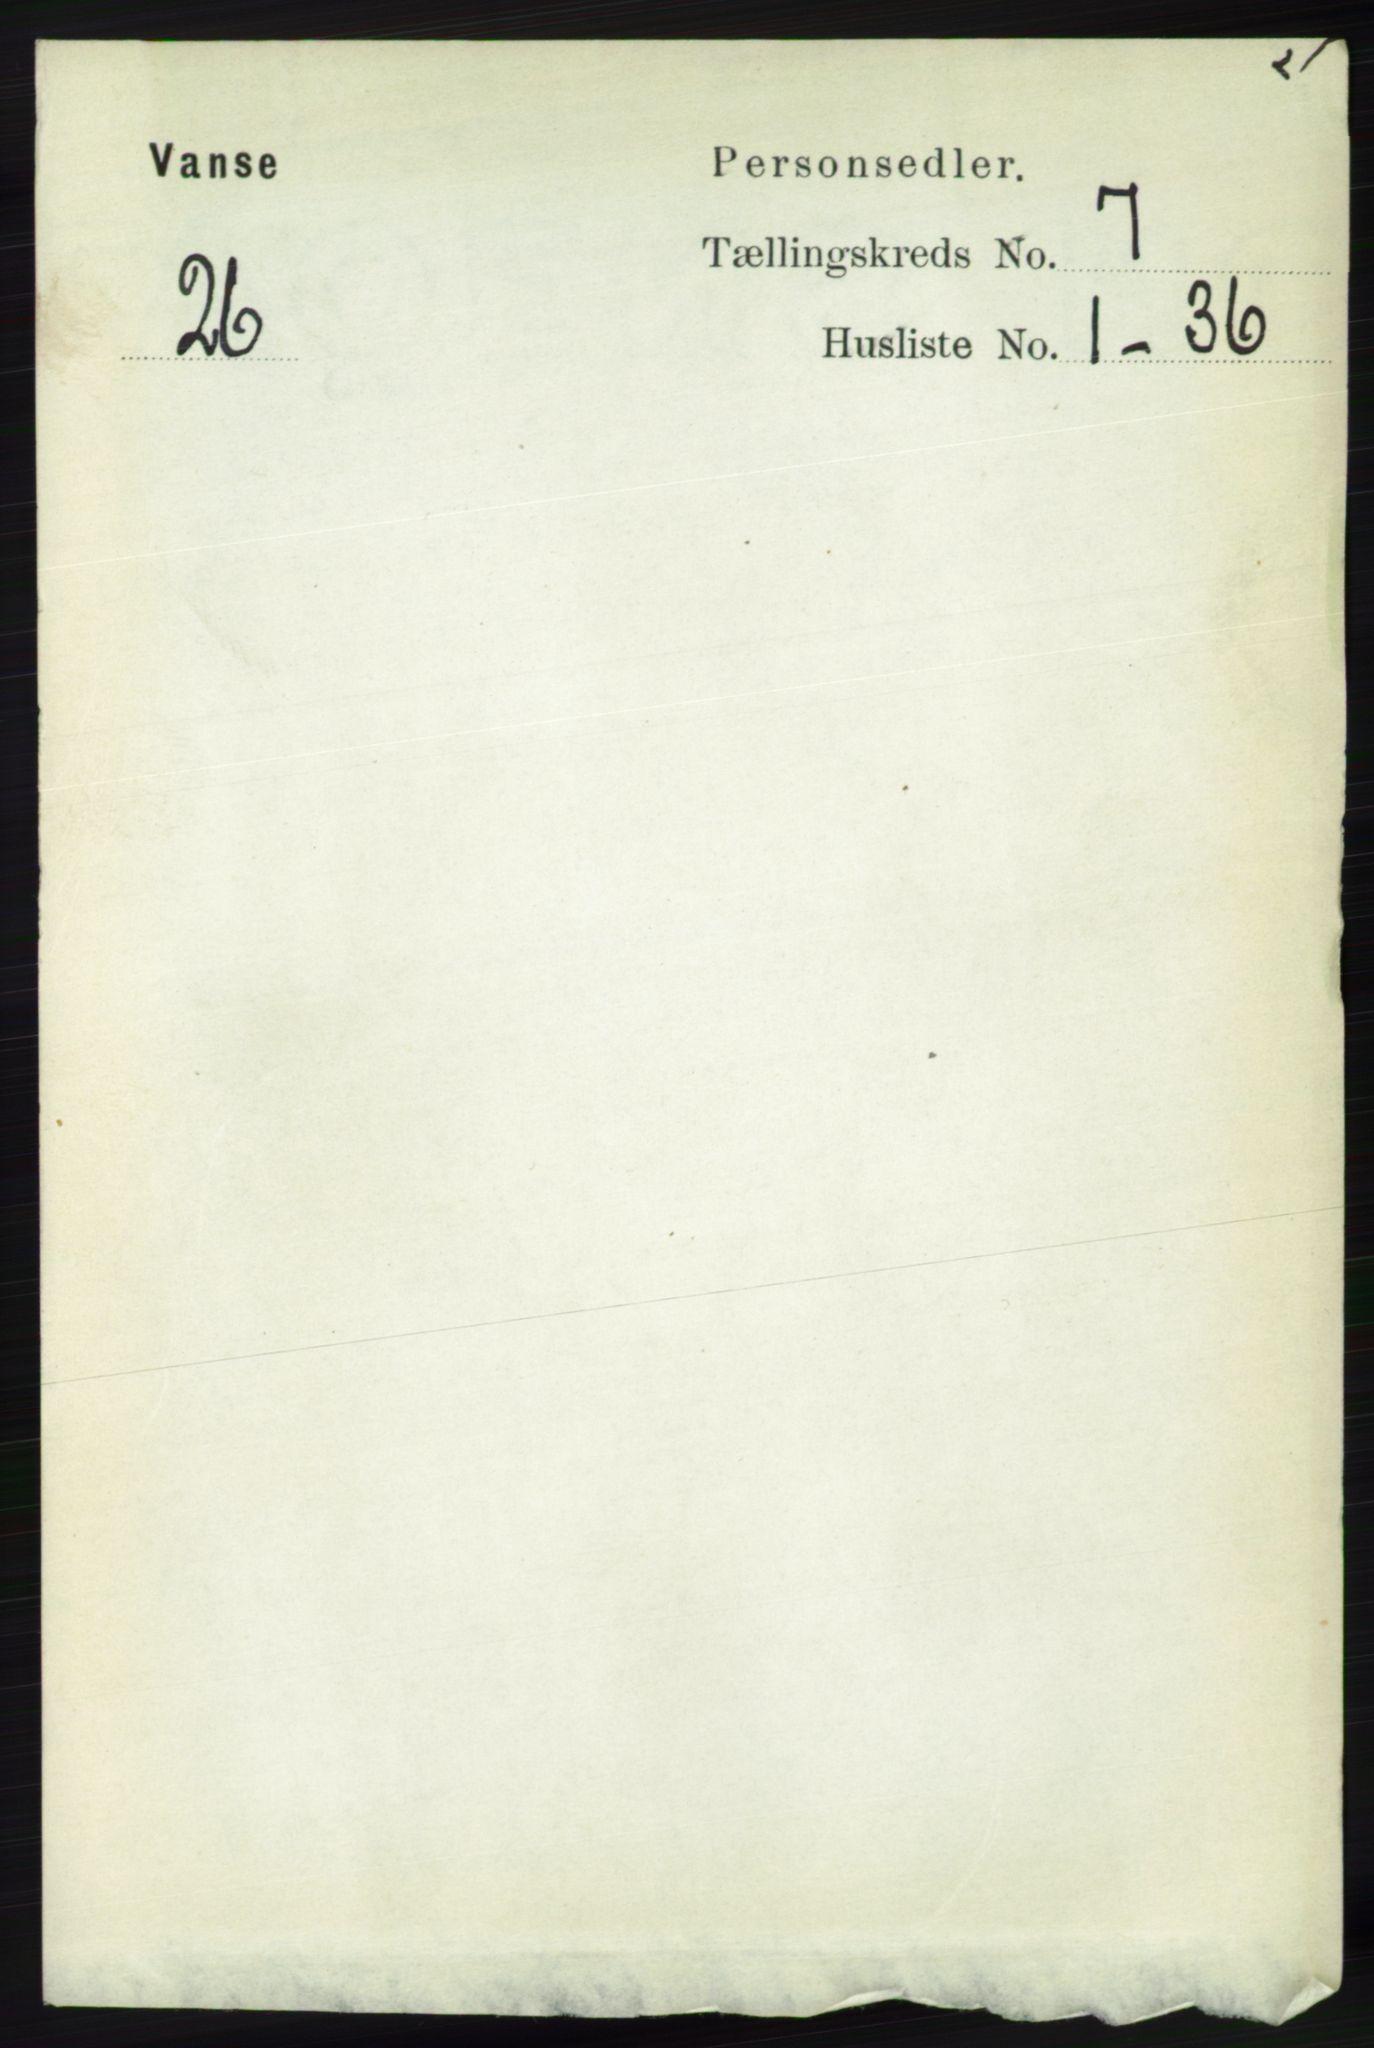 RA, Folketelling 1891 for 1041 Vanse herred, 1891, s. 4088